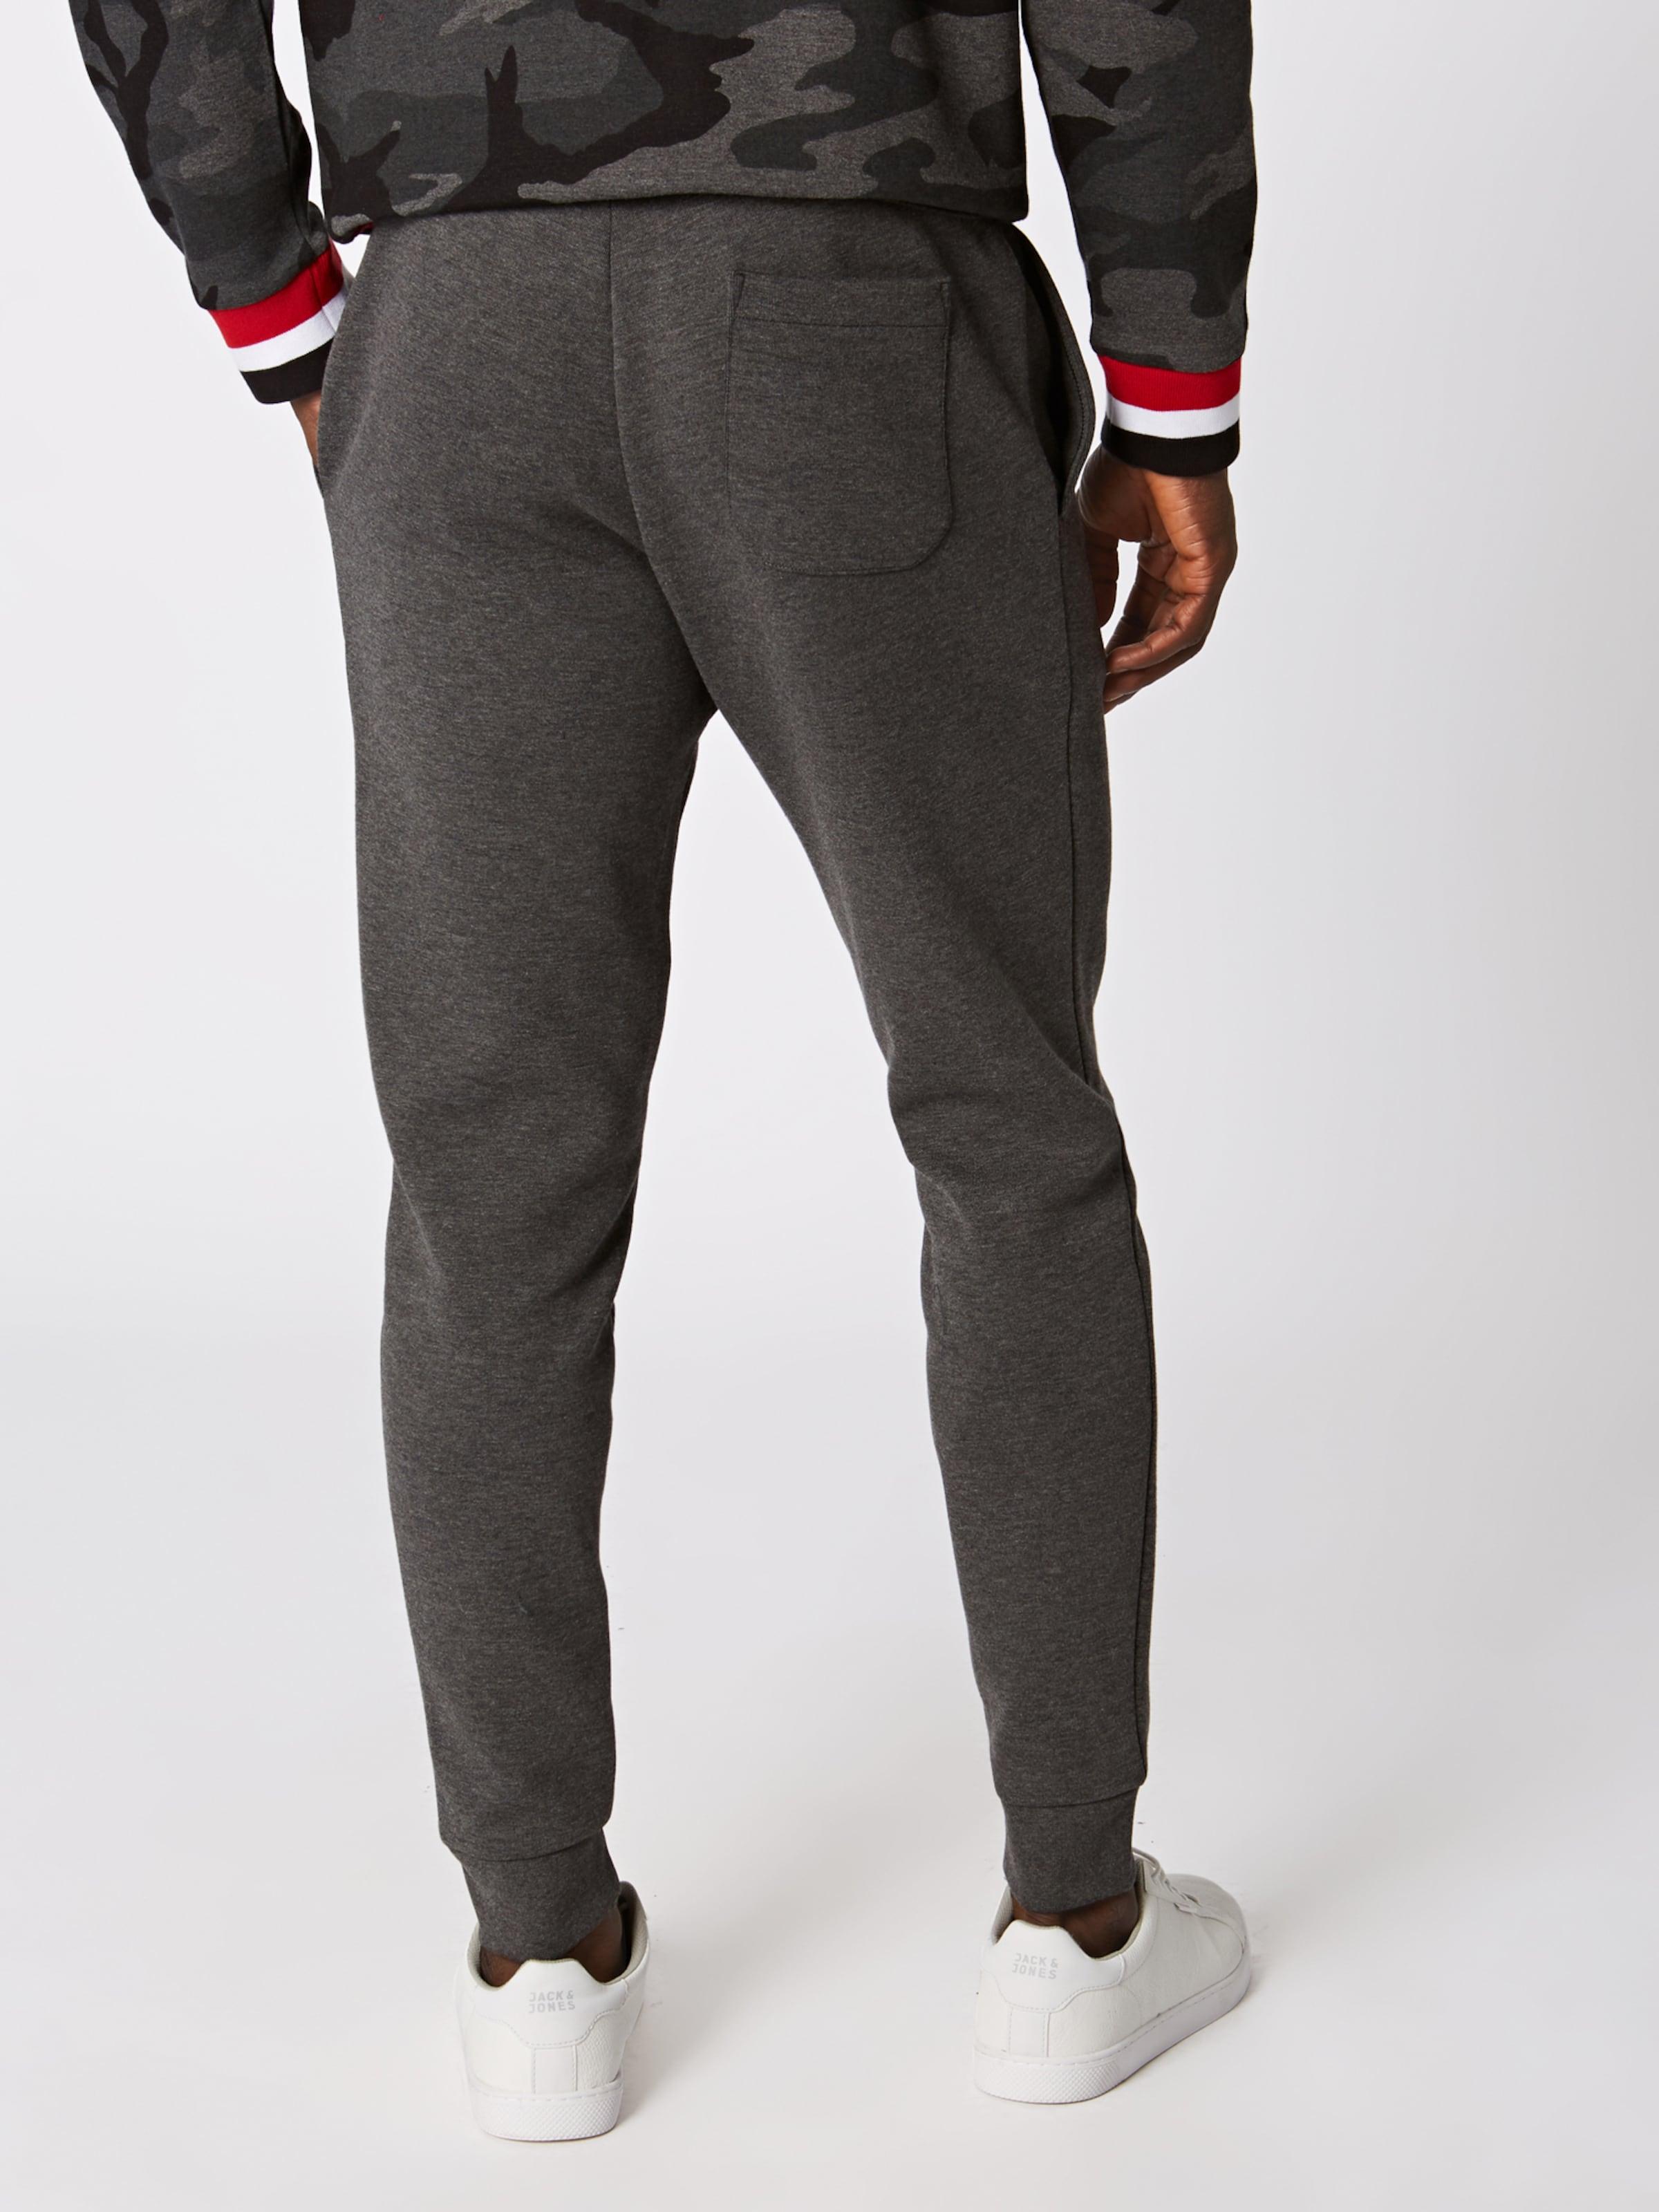 Pantalon Blanc Polo 'joggerpantm2 pant' Ralph Lauren En zMqVSUp